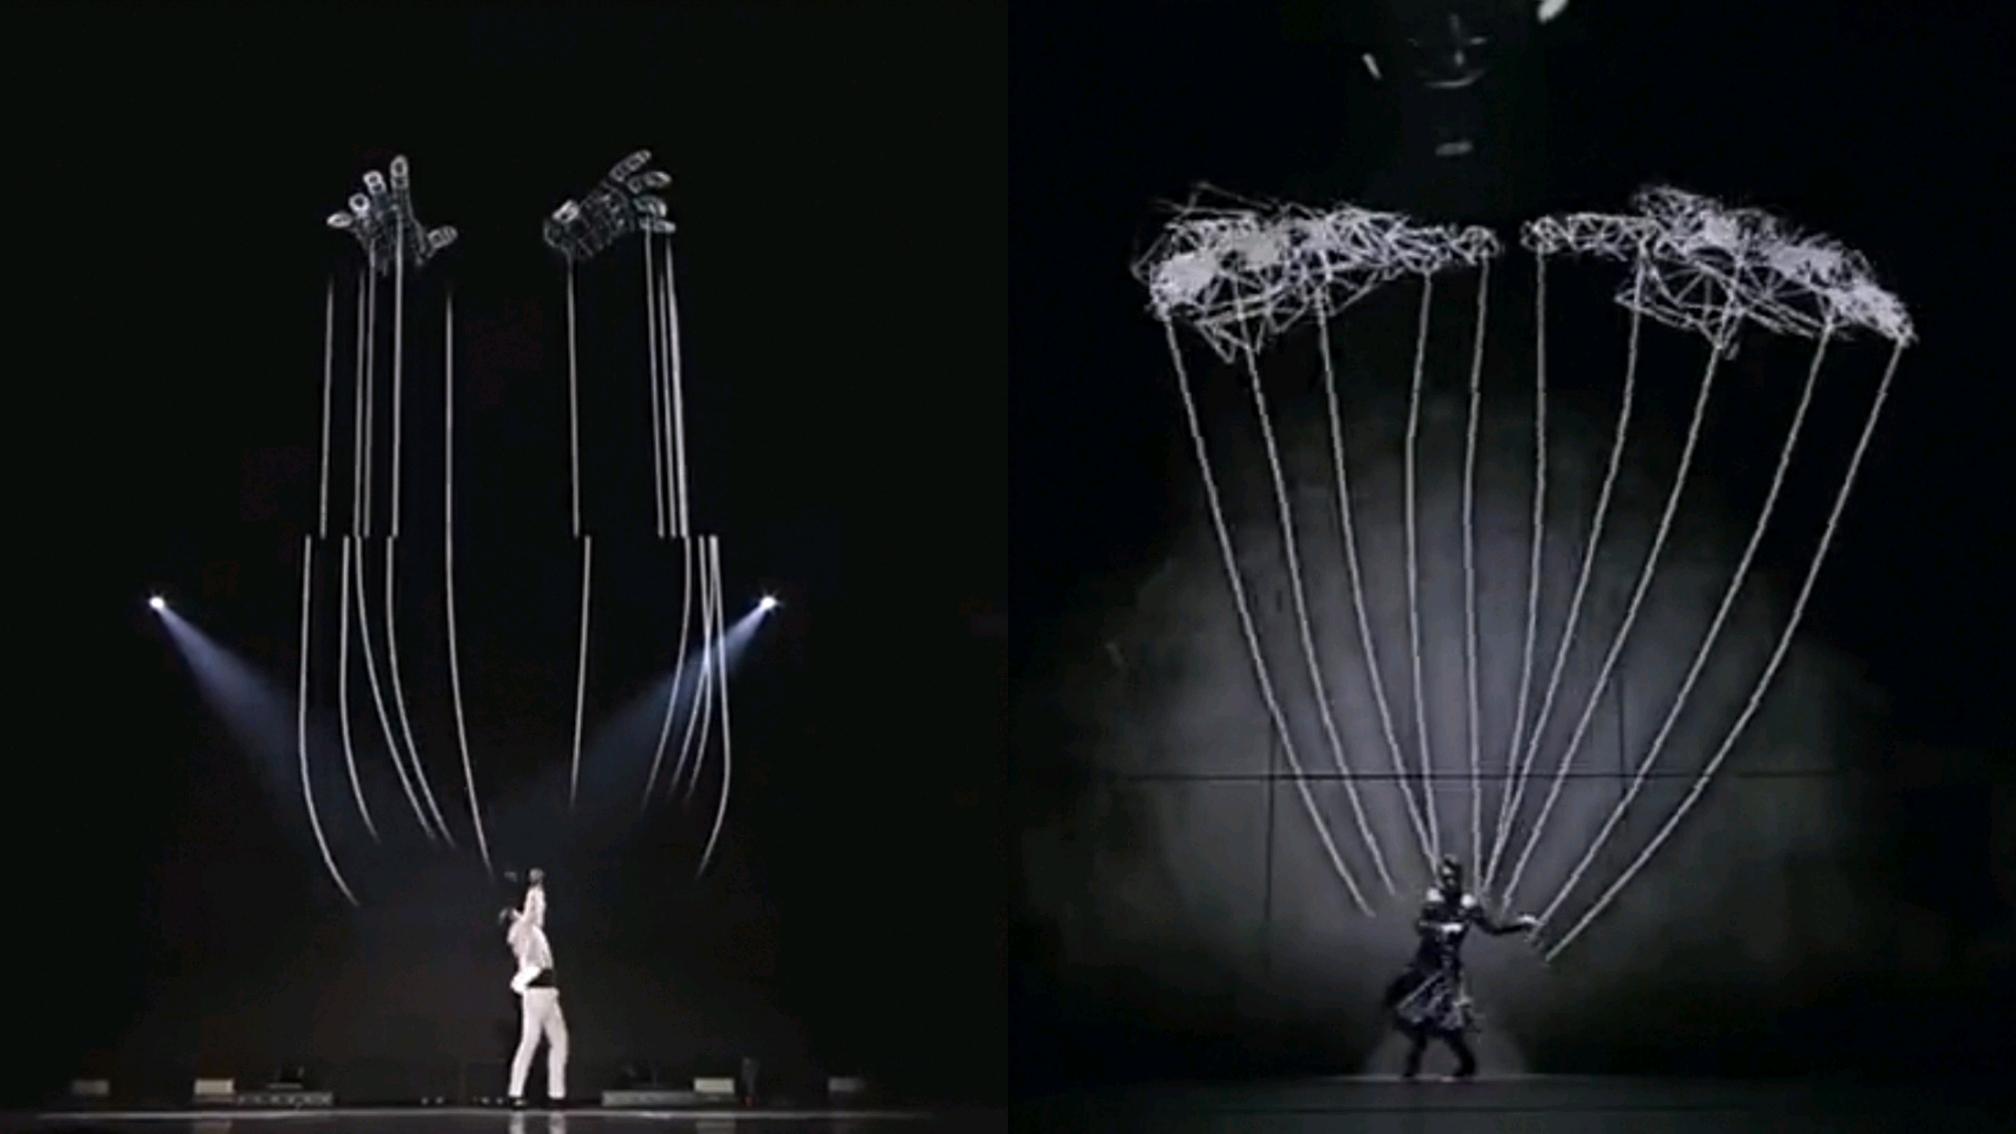 火出千评热帖的韩团抄日团舞台,TMA颁奖礼上被质疑抄袭岚的ASTRO